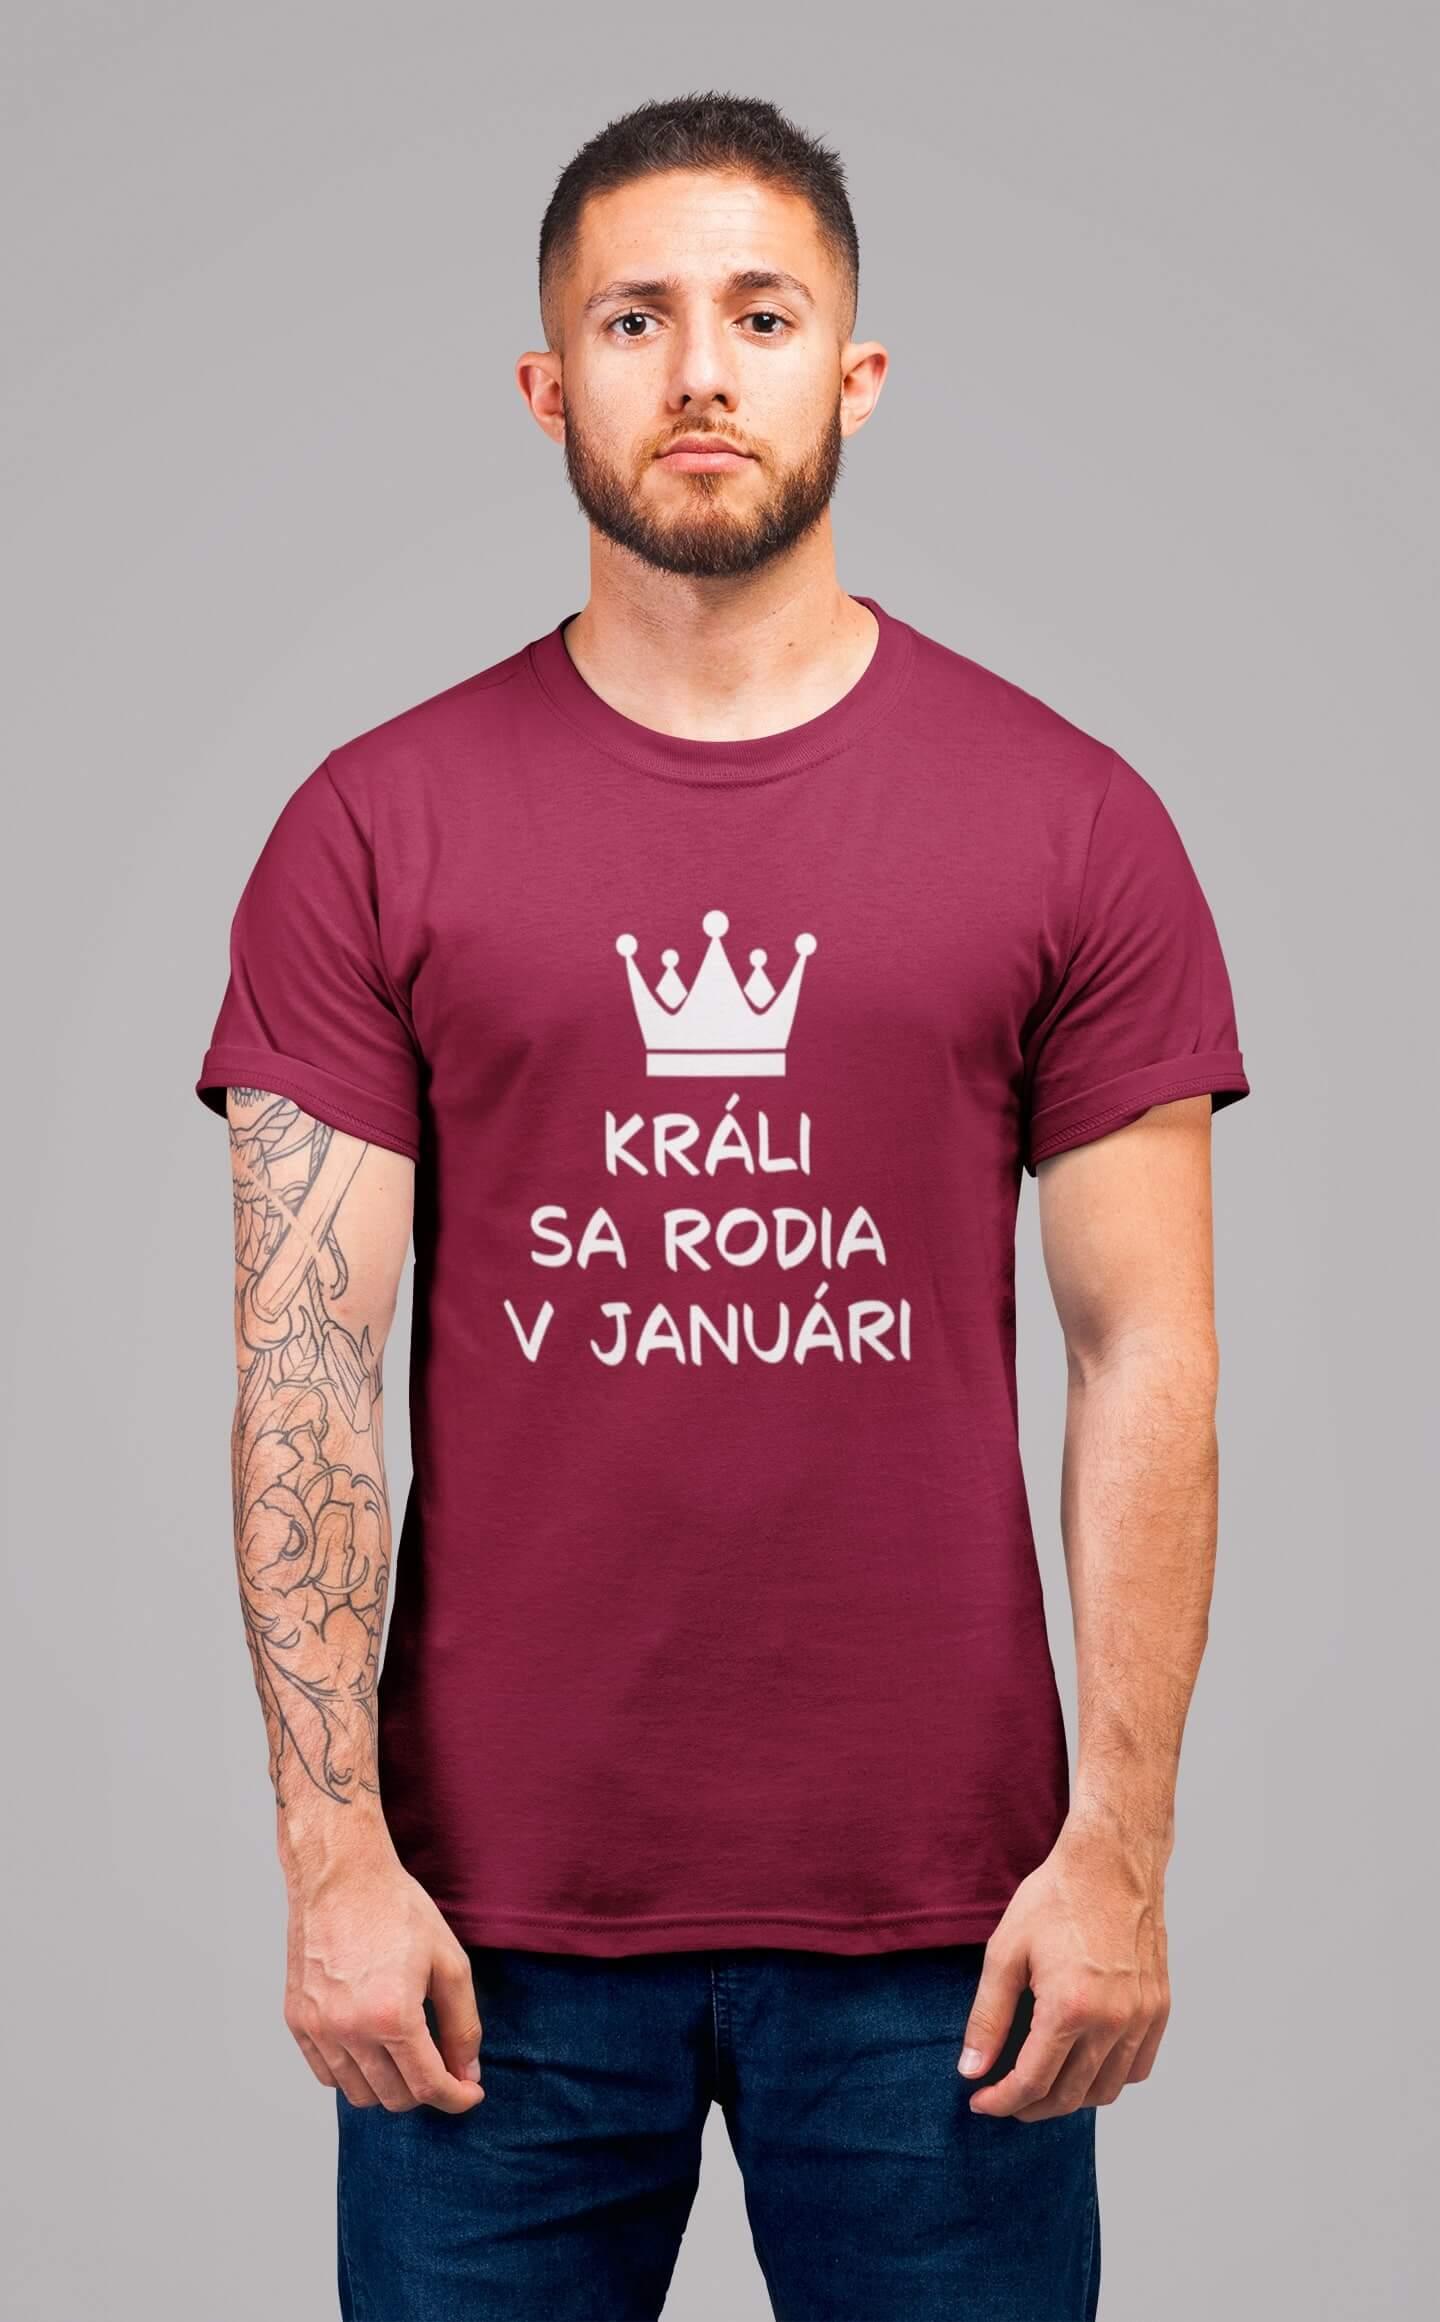 MMO Pánske tričko Králi sa rodia v januári Vyberte farbu: Marlboro červená, Vyberte veľkosť: M